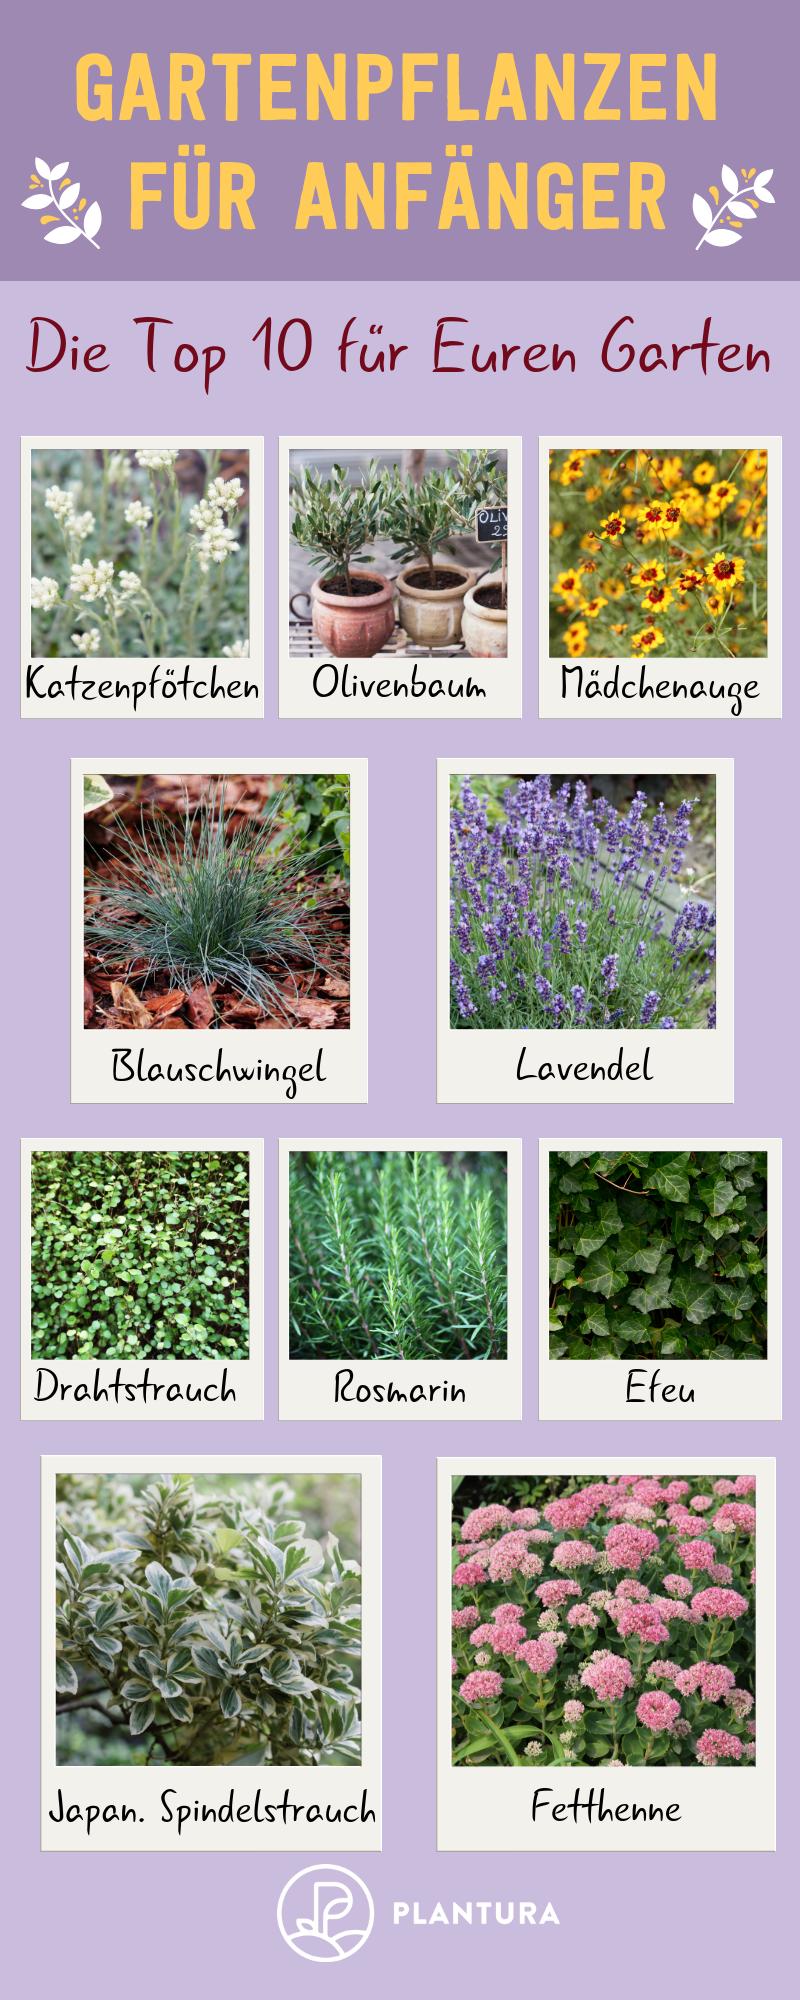 Photo of 10 Gartenpflanzen für Anfänger – Plantura